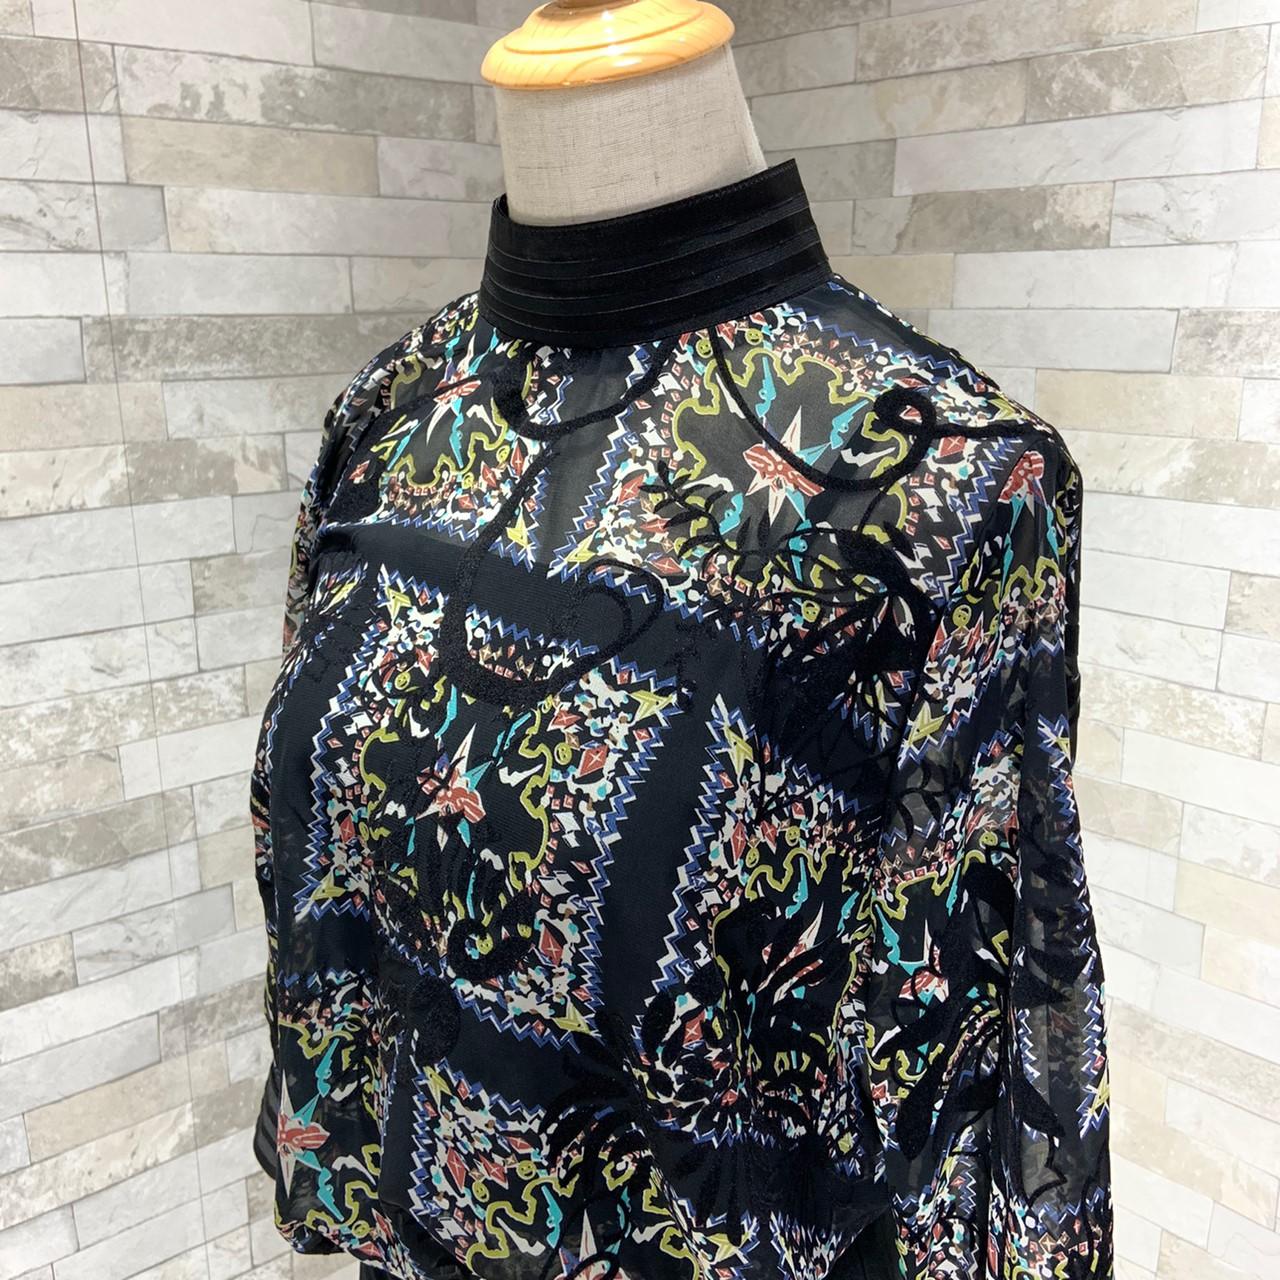 【即納】韓国 ファッション パンツ セットアップ パーティードレス 結婚式 お呼ばれドレス 秋 夏 春 パーティー ブライダル SPTX7230  エレガント シースルー ロ 二次会 セレブ きれいめの写真8枚目